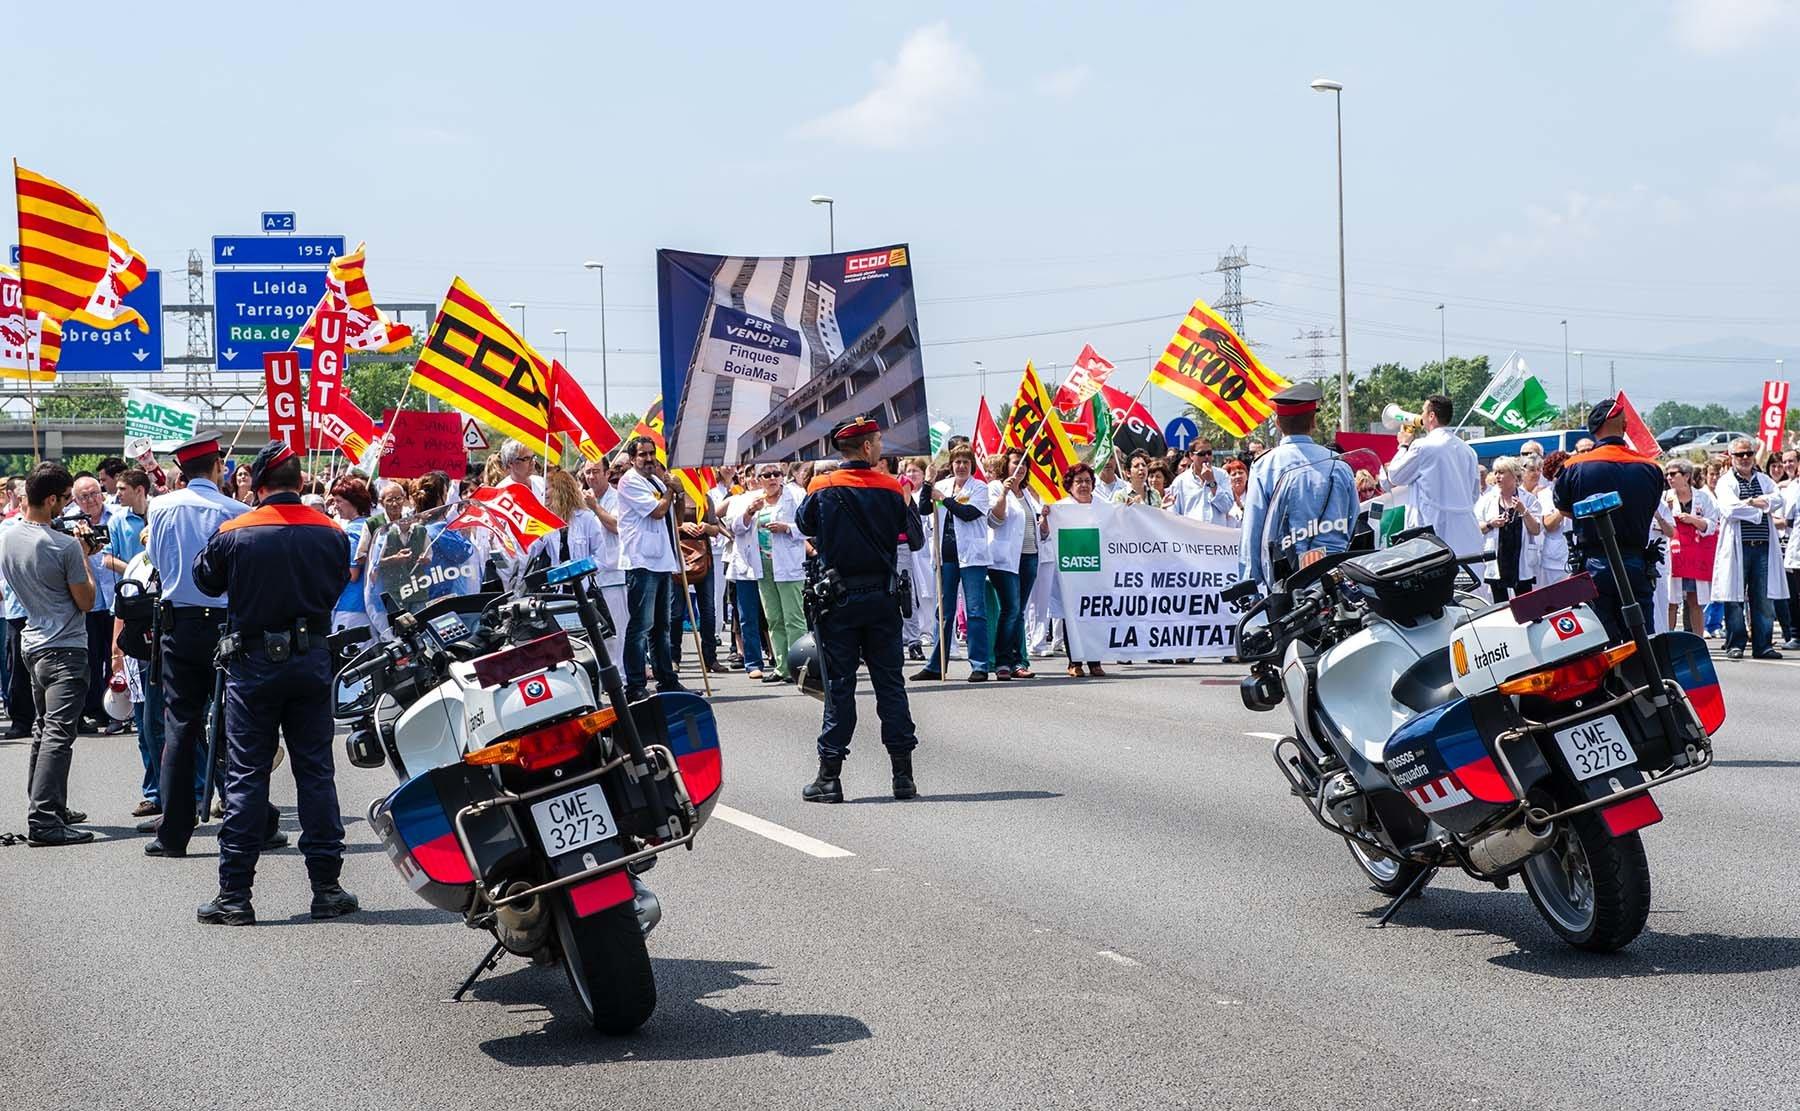 Protest pracowników służby zdrowia na autostradzie pomiędzy Barcekoną a lotniskiem El Prat